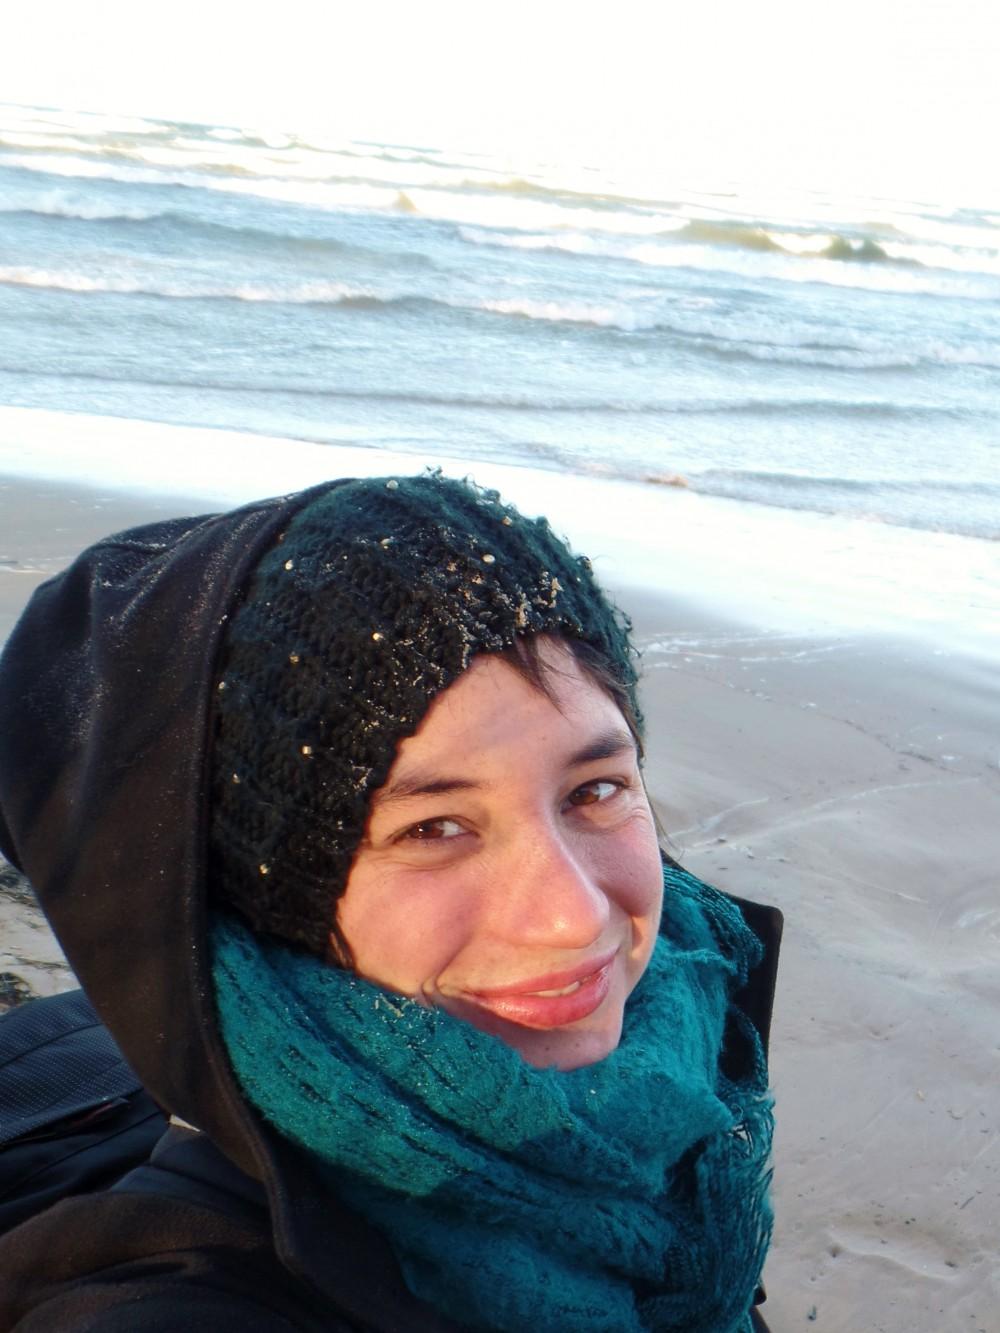 Christina Egerter am baltischen Meer